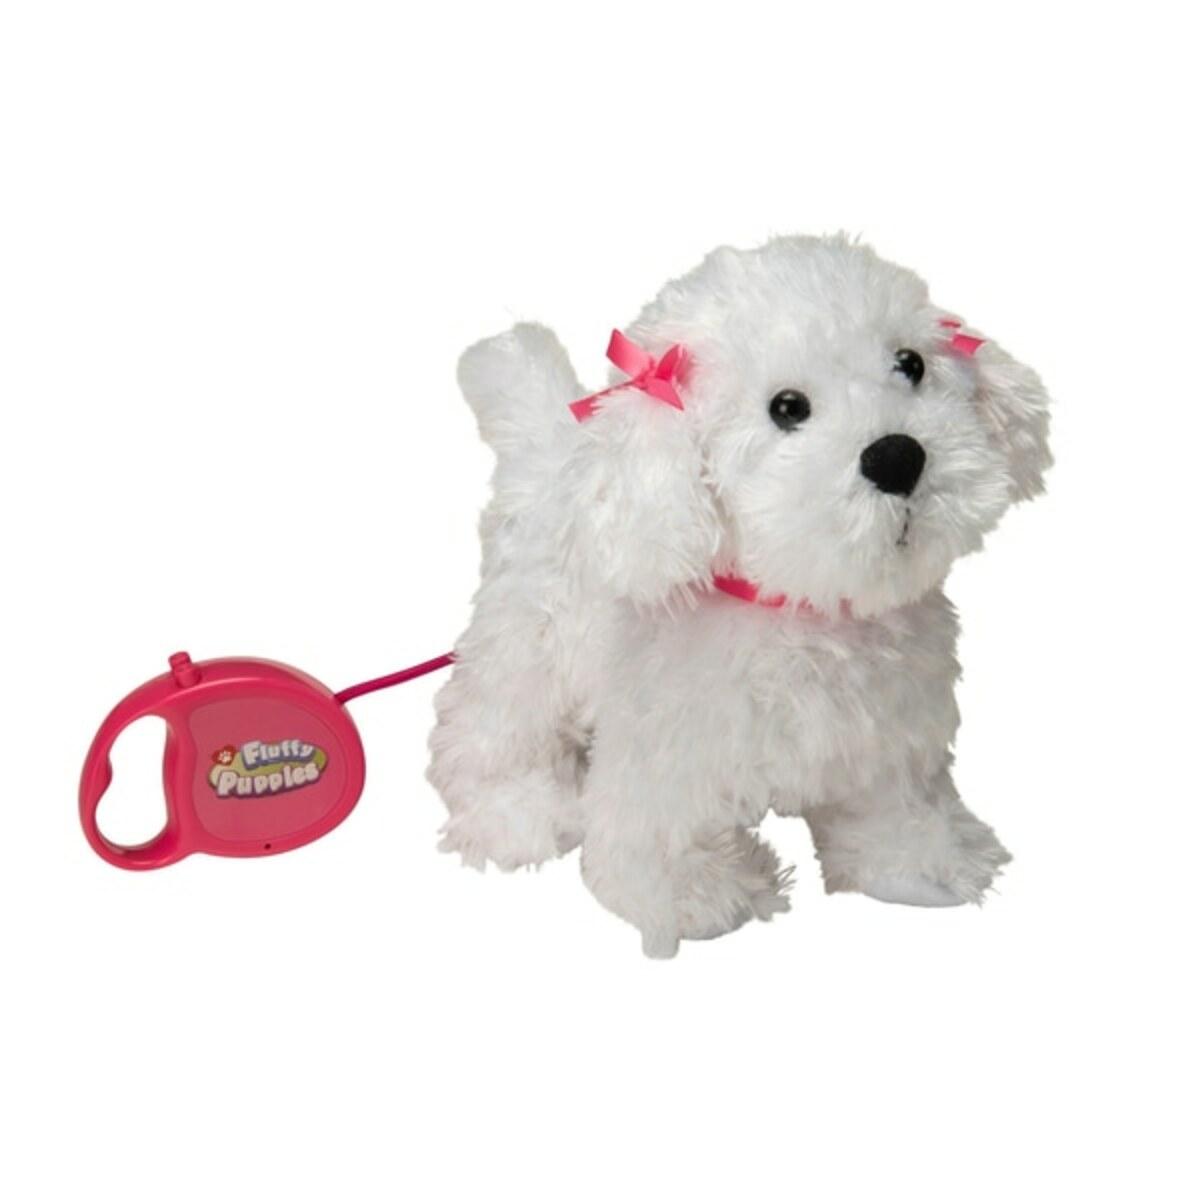 Bild 5 von Fluffy Puppies - Laufender Pudel